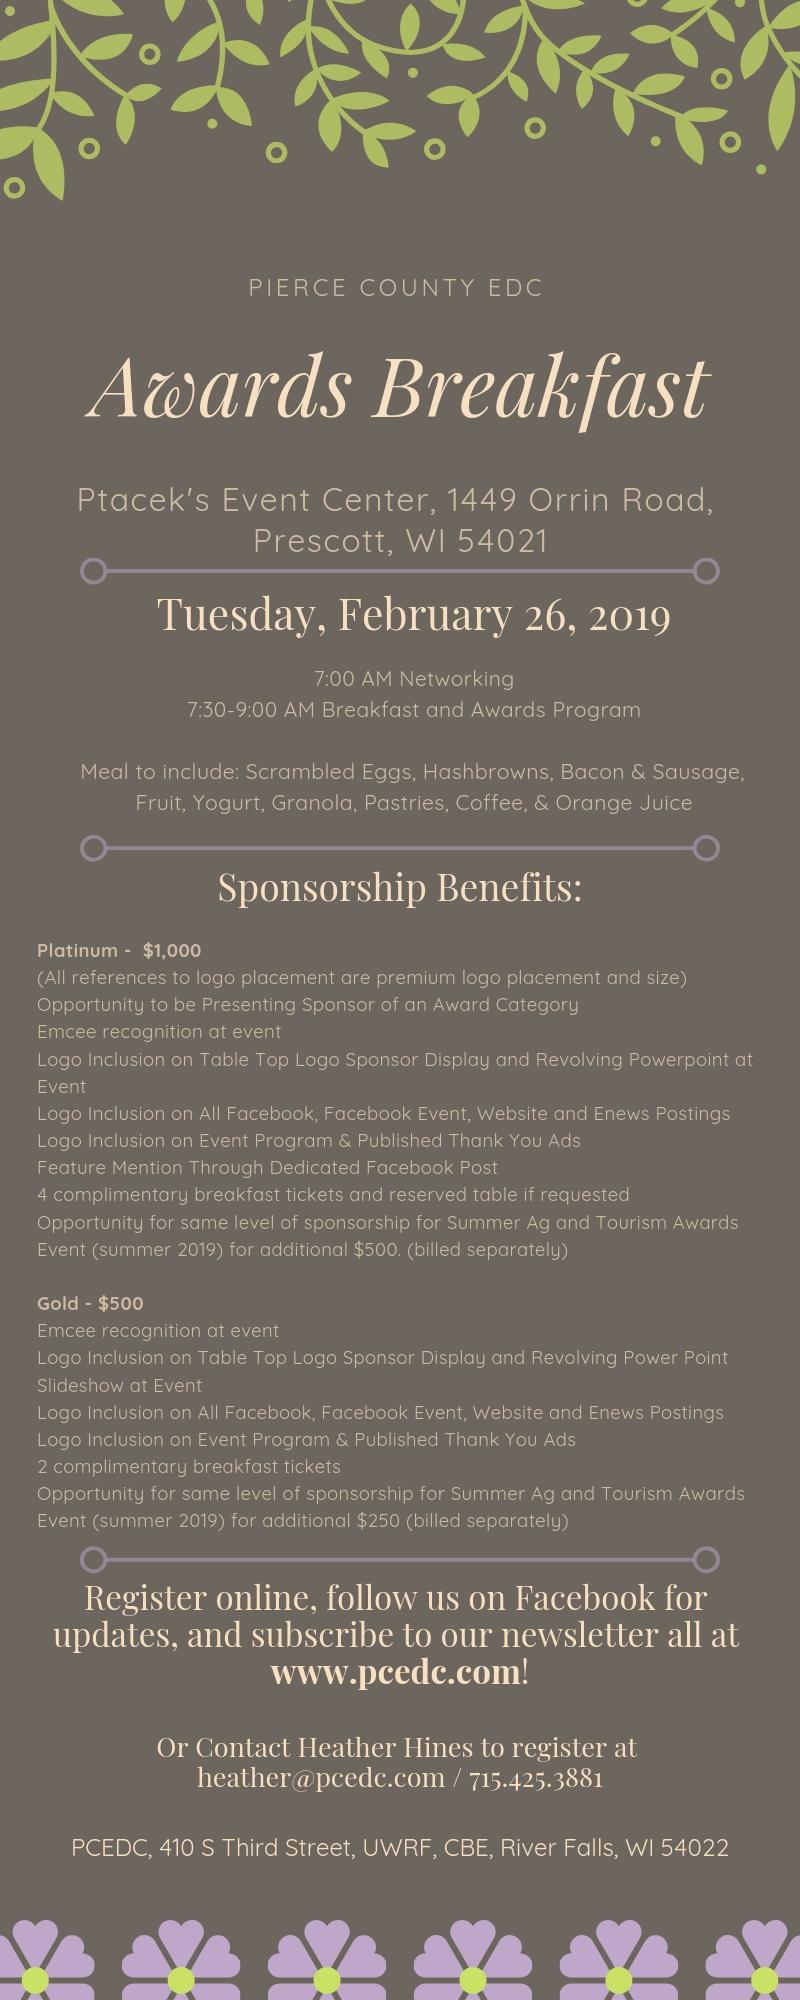 Awards Breakfast Invitation